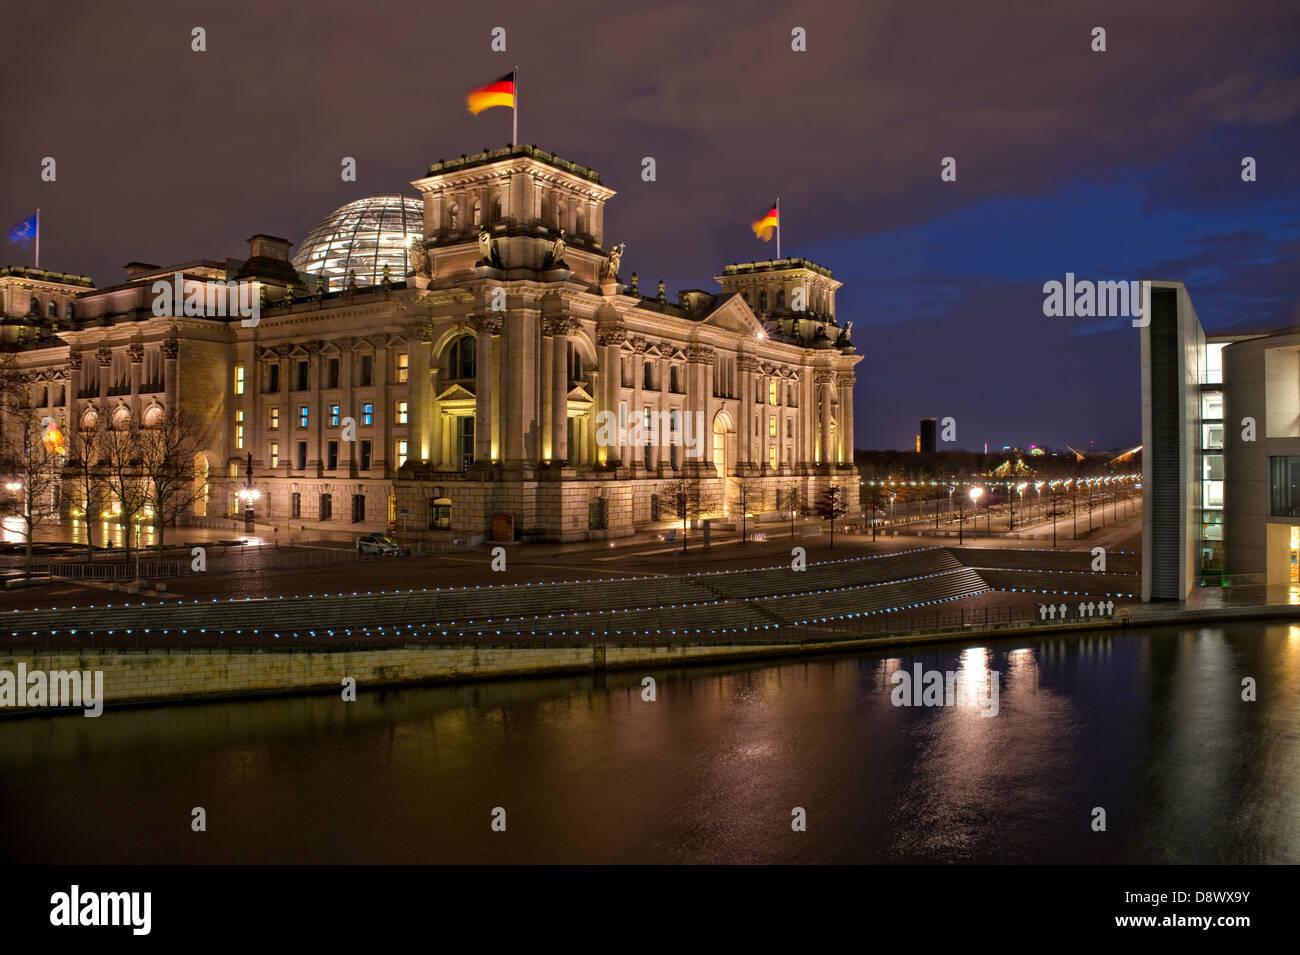 Nacht-Bild des Reichstags im Regierungsviertel von Berlin, Deutschland | Nachtaufnahme des Reichstages Berlin, Deutschland Stockbild